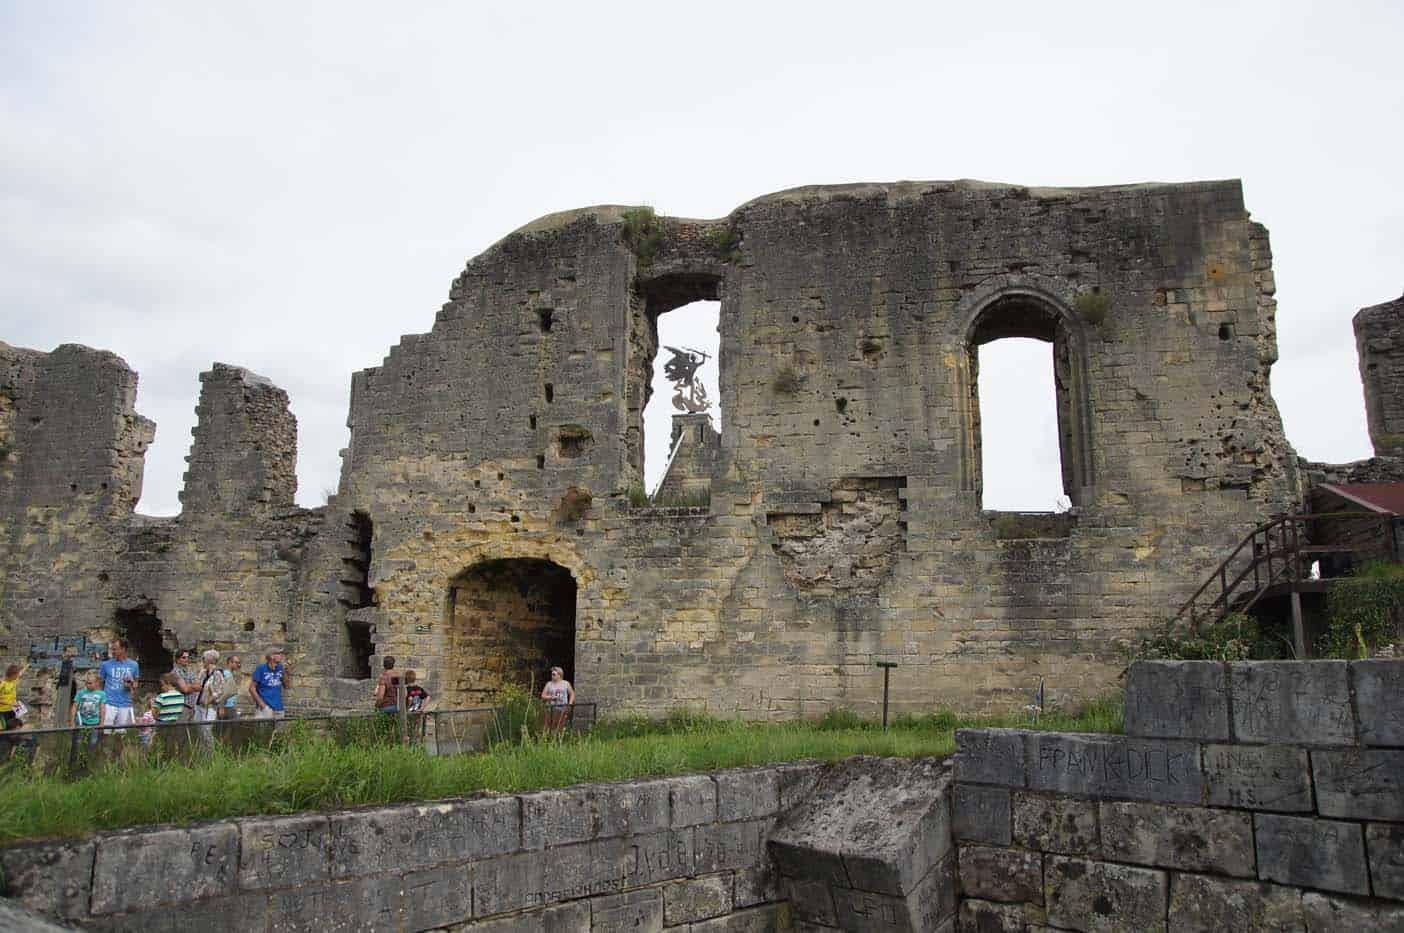 valkenburg kasteelruine